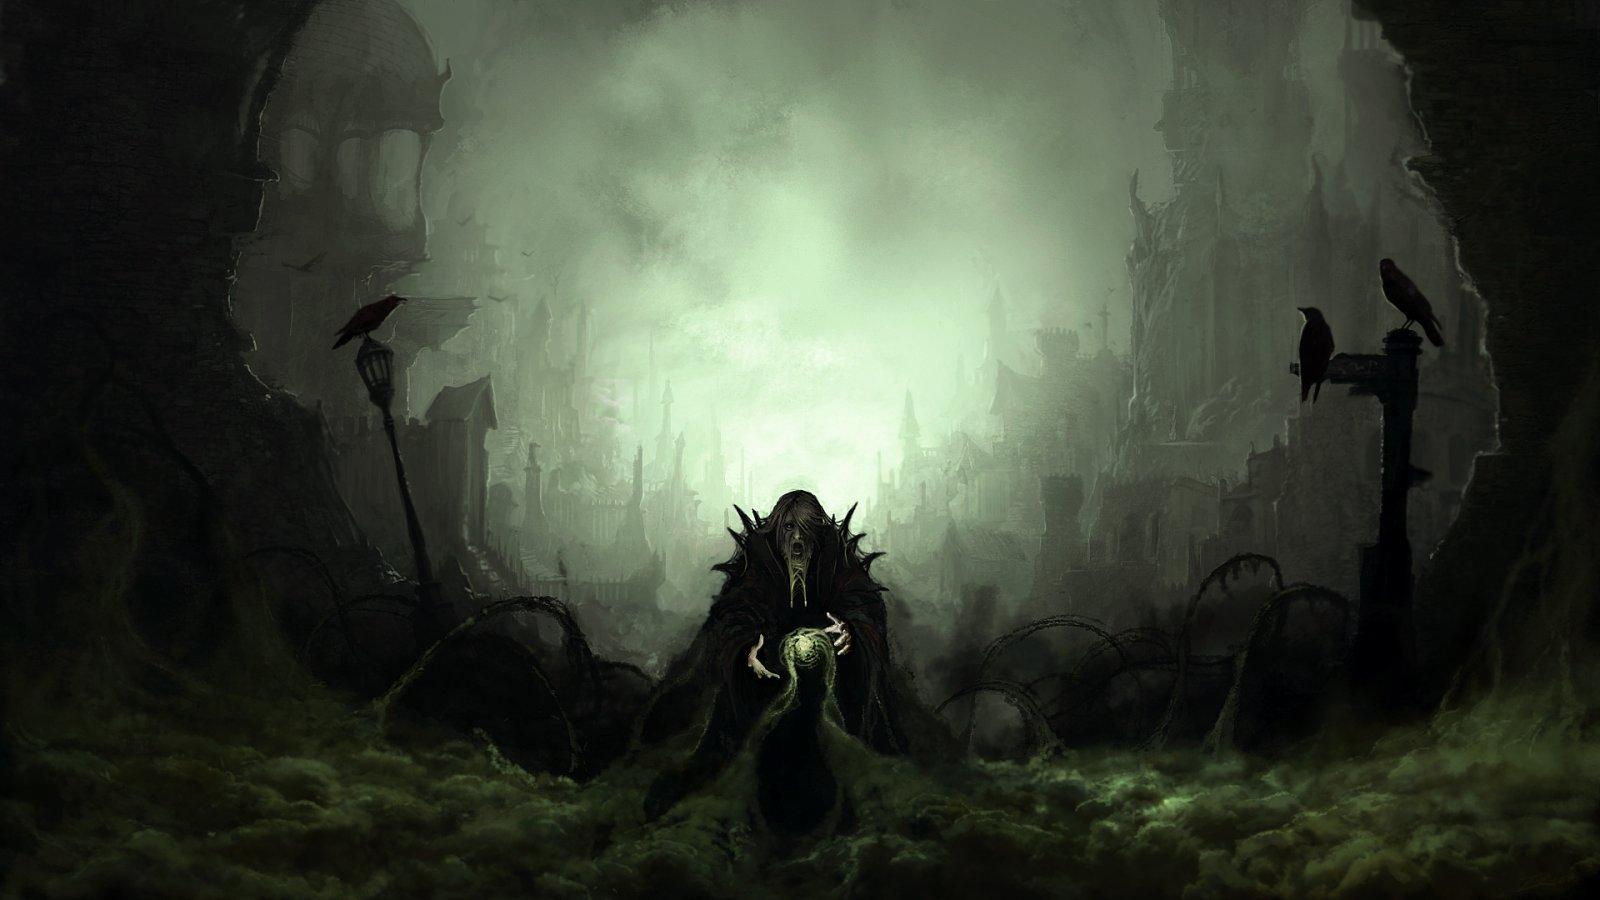 Darkwizard2